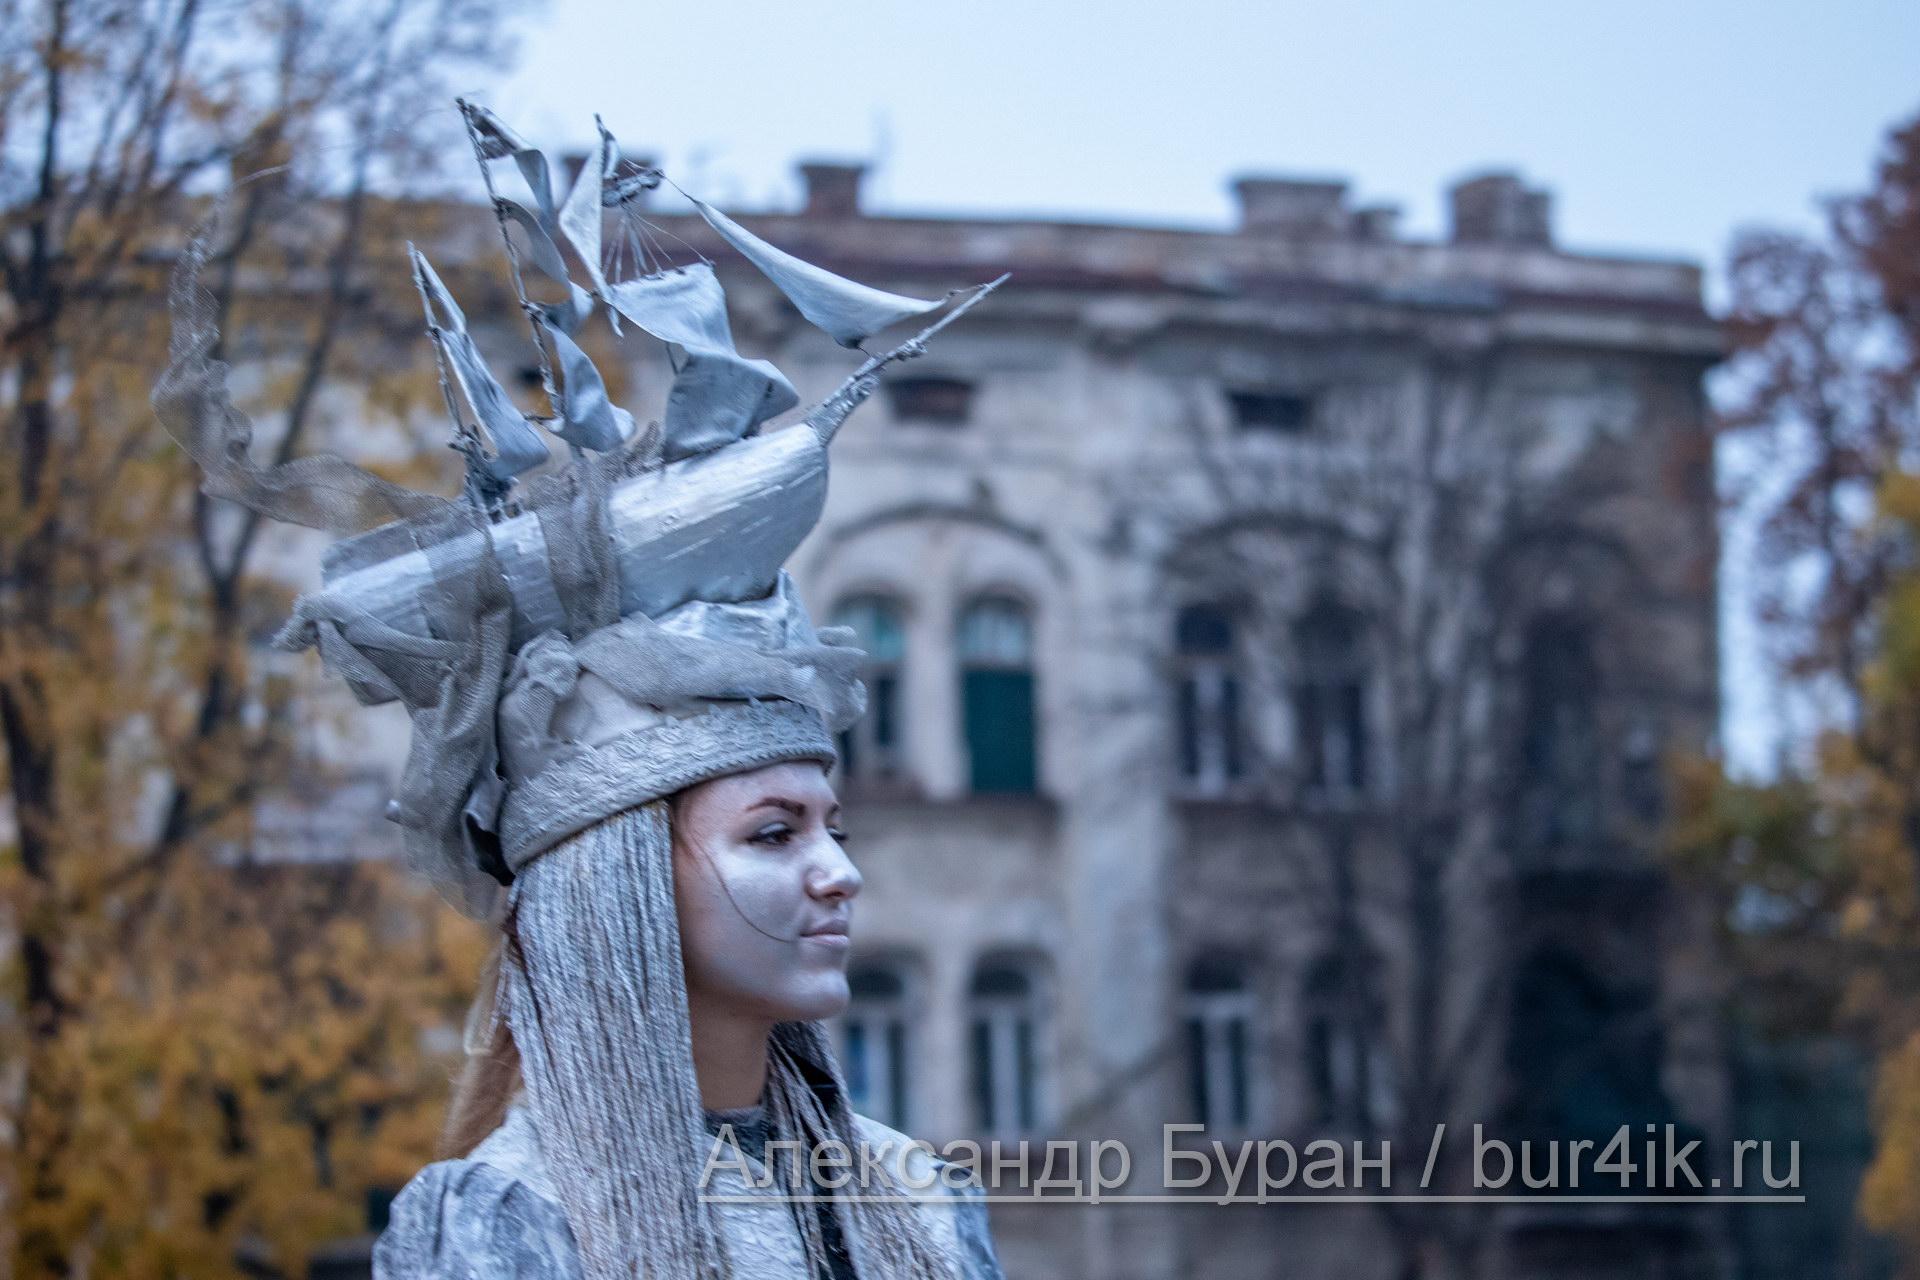 Серебряная краска на лице девушки и платье с кораблем вместо головного убора - Украина, Одесса, 09,11,2019